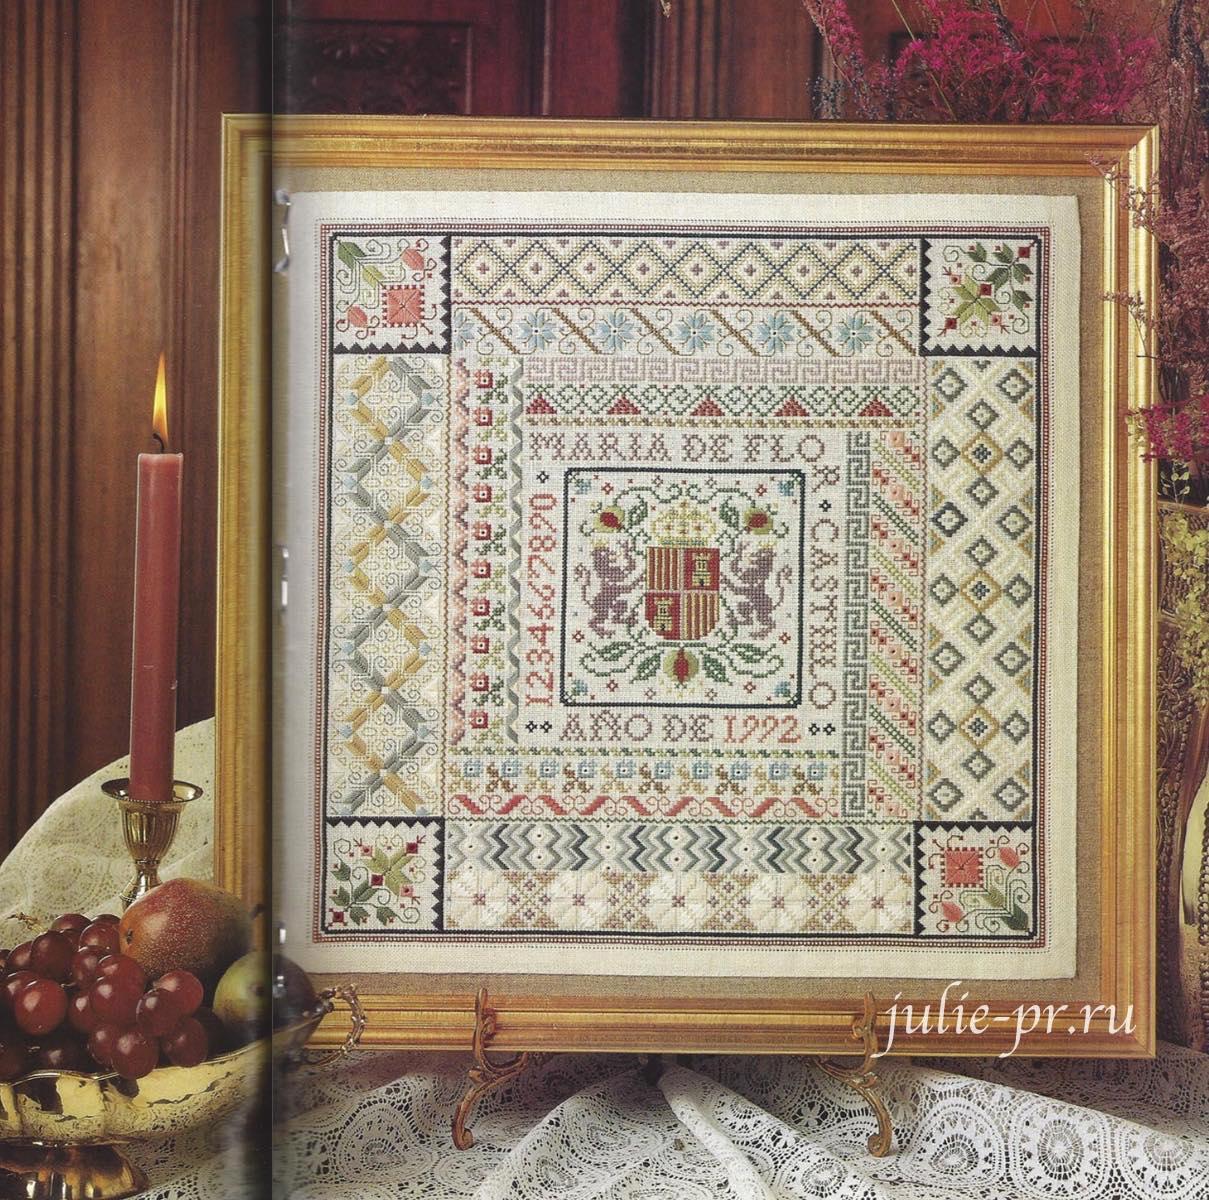 вышивка крестом, Spanish sampler, Испанский семплер, Sandy Orton, Сэнди Ортон, Sandra Orton, Treasures in needlework